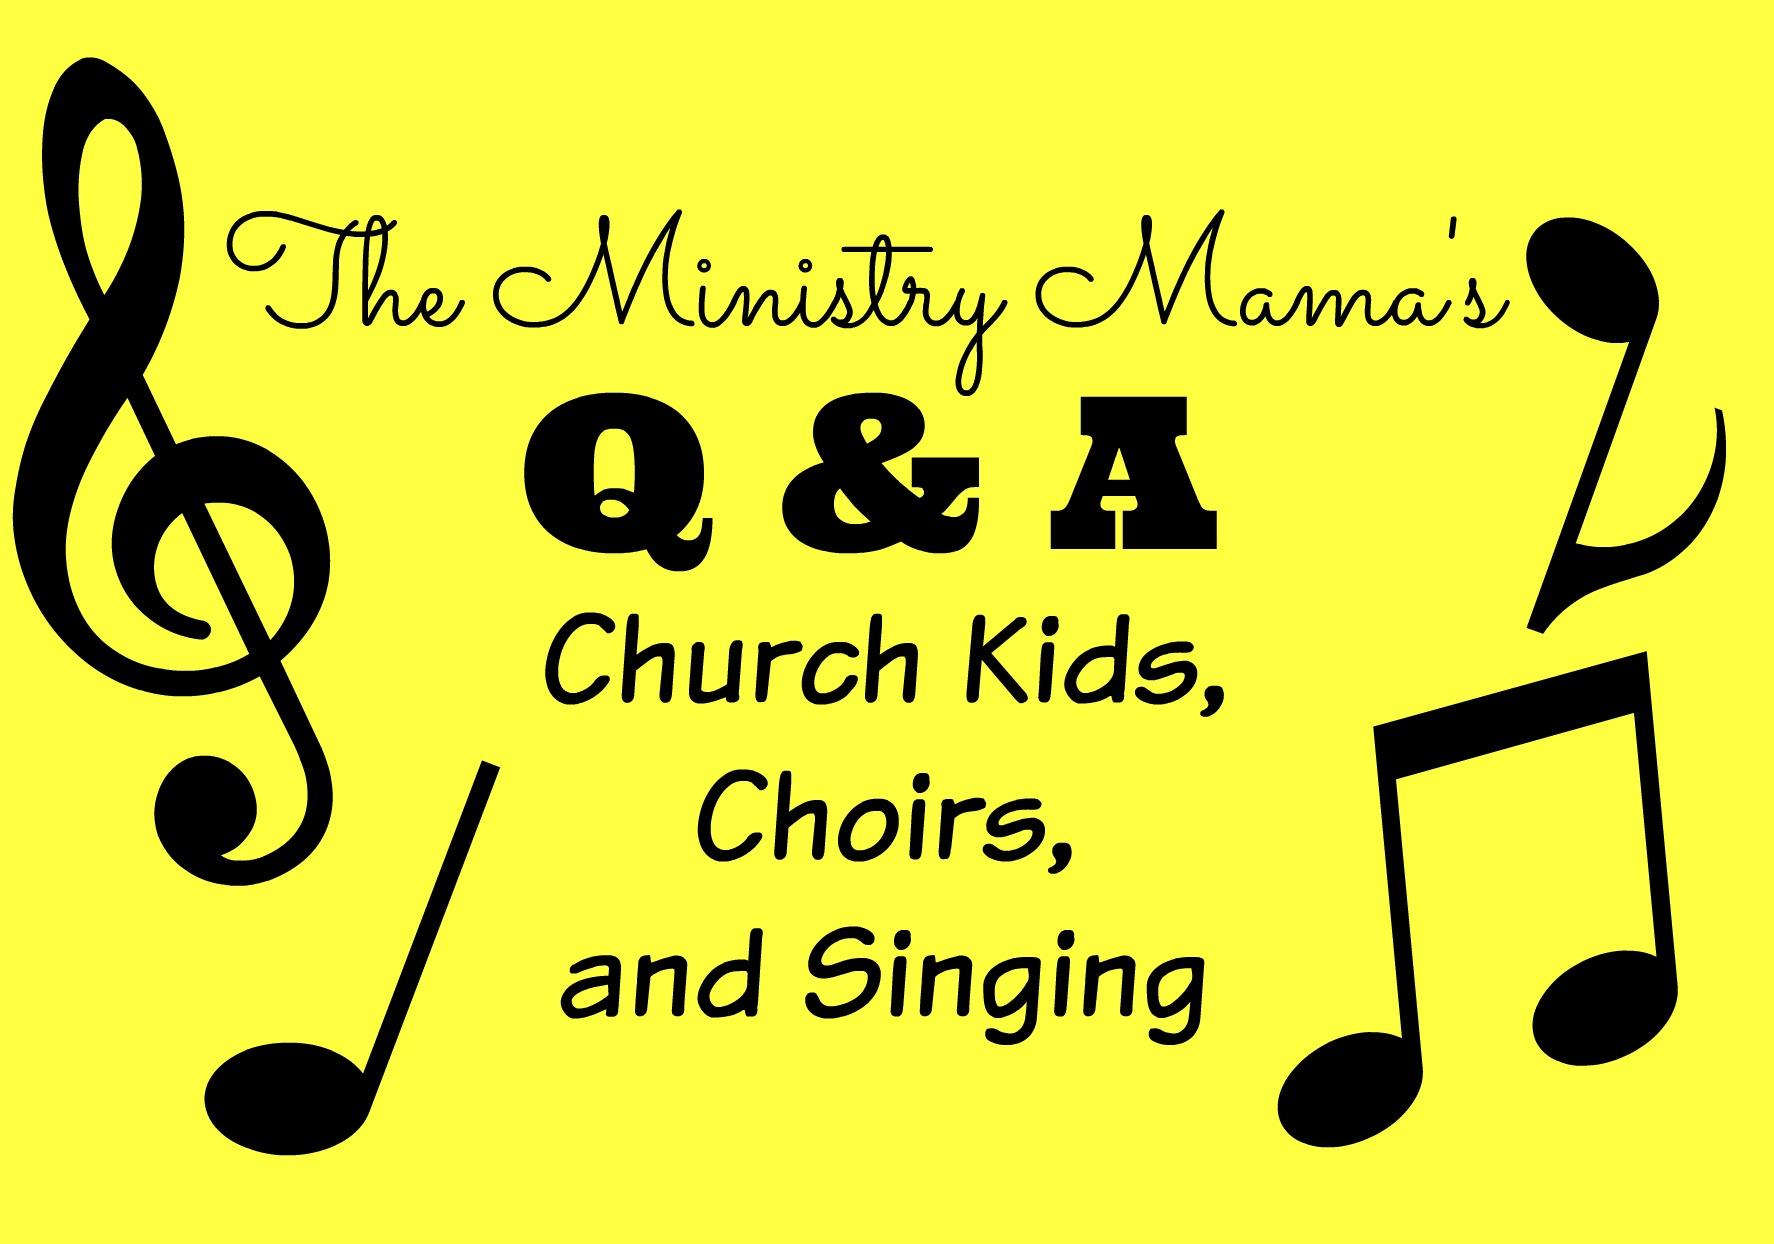 church should join choir